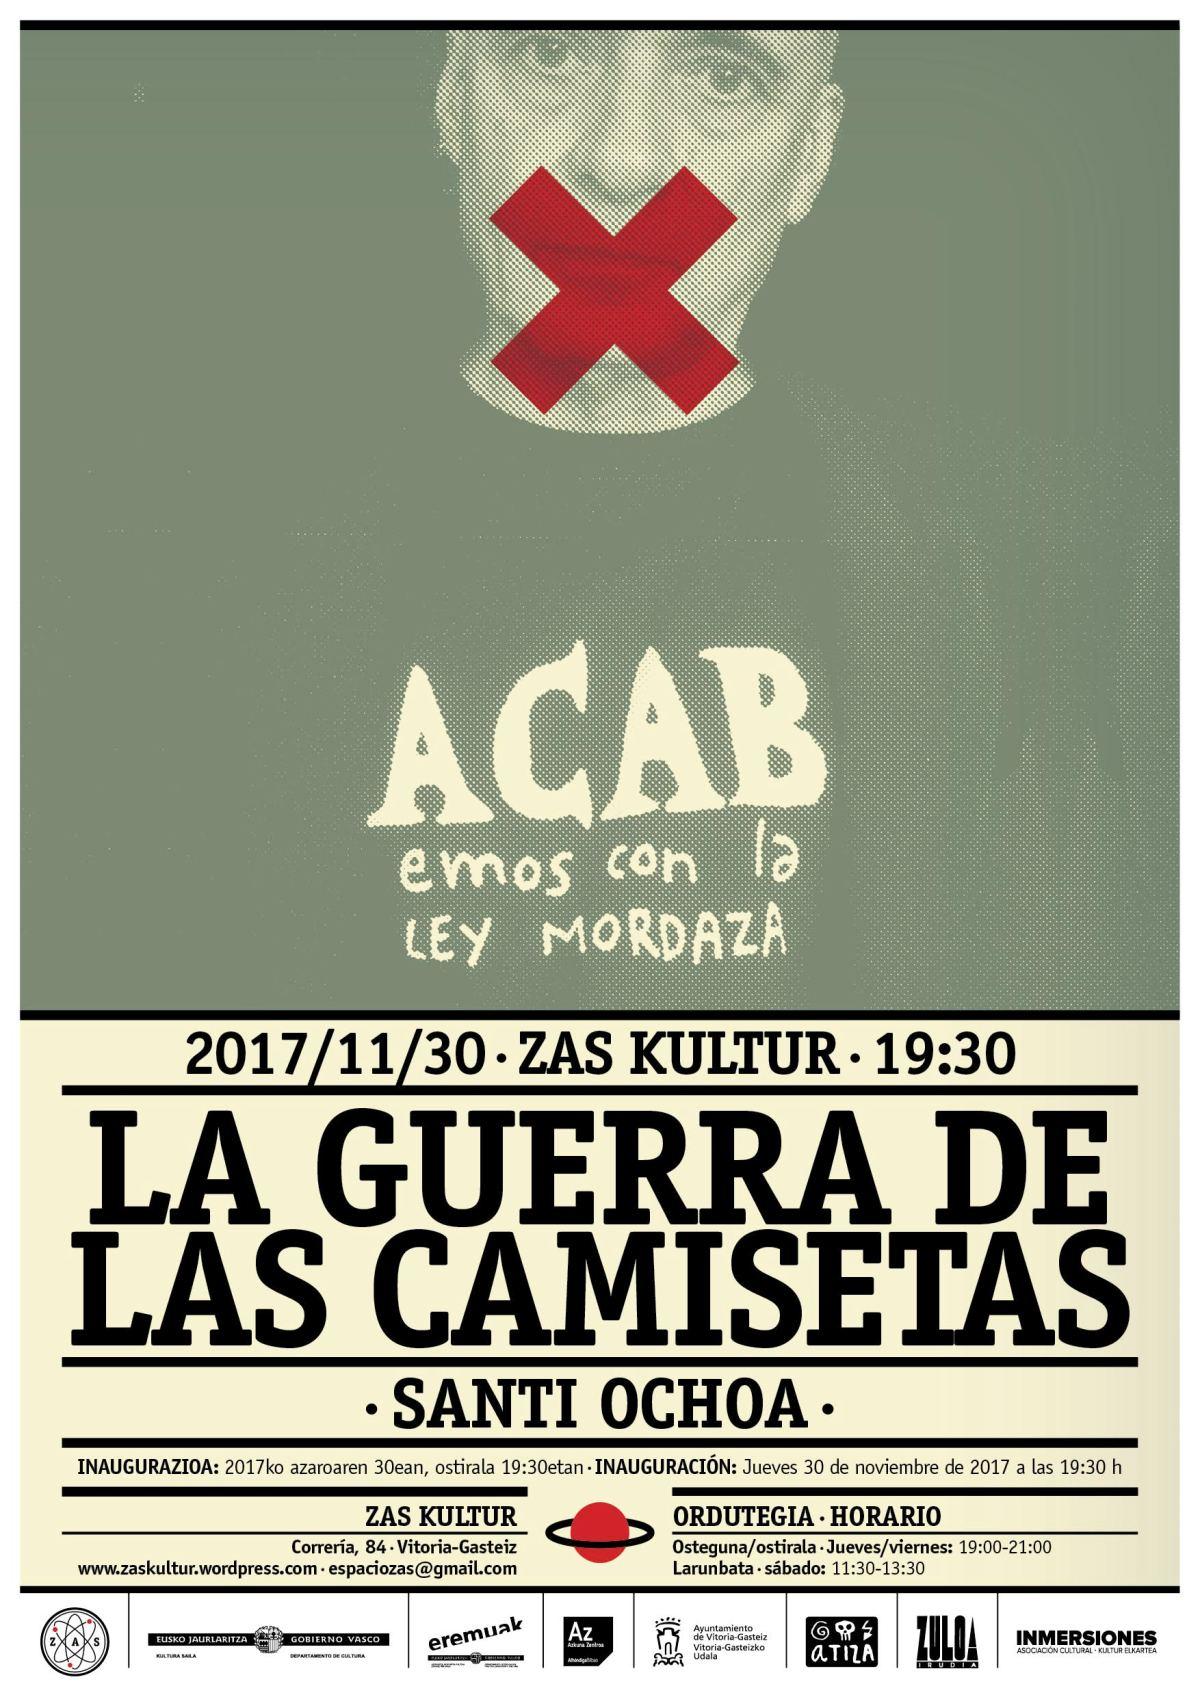 La guerra de las camisetas- SantiOchoa